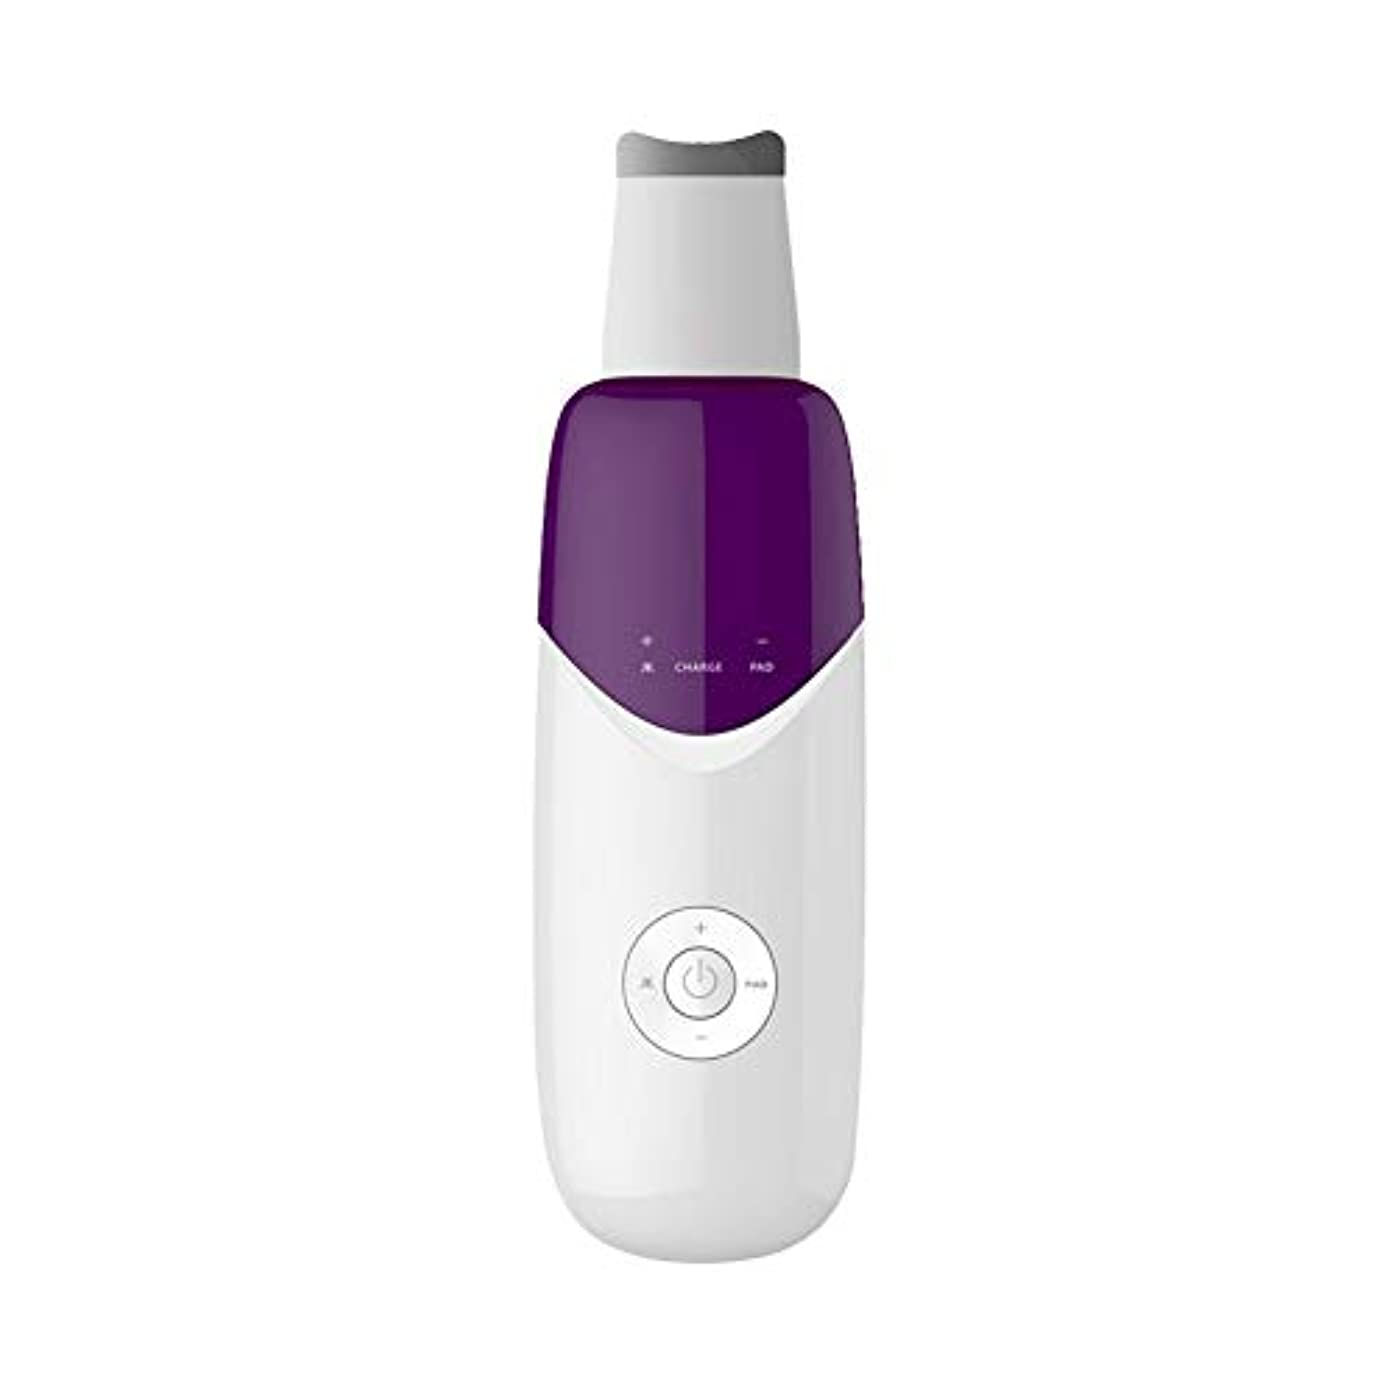 同行するフォルダ以前はCoinar お肌を洗うにび落とし USB超音波クレンジング 洗顔 洗顔 洗顔 角質除去 洗顔